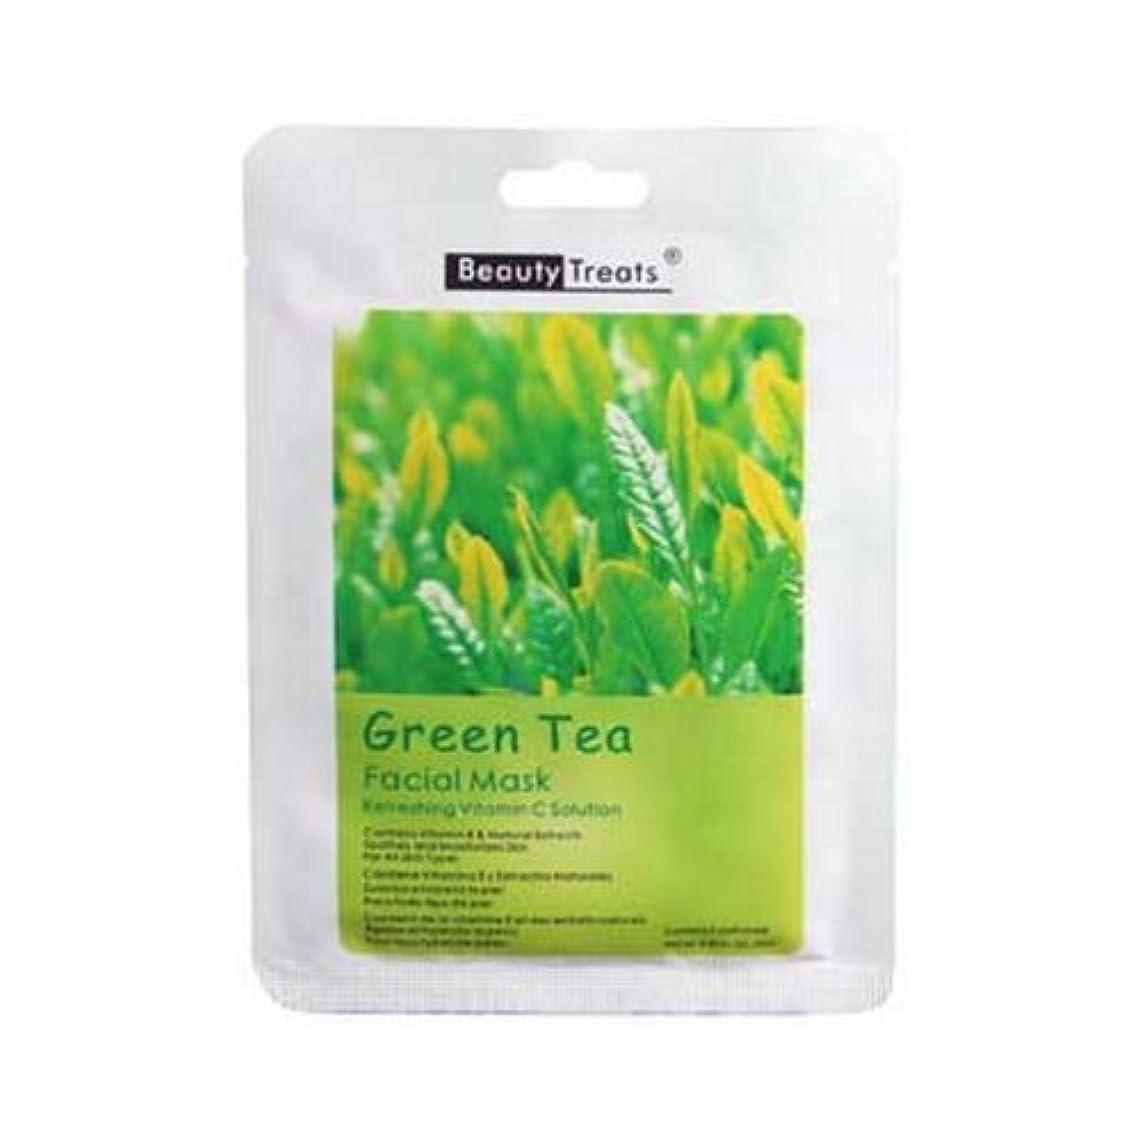 受益者不適切な幾何学(6 Pack) BEAUTY TREATS Facial Mask Refreshing Vitamin C Solution - Green Tea (並行輸入品)